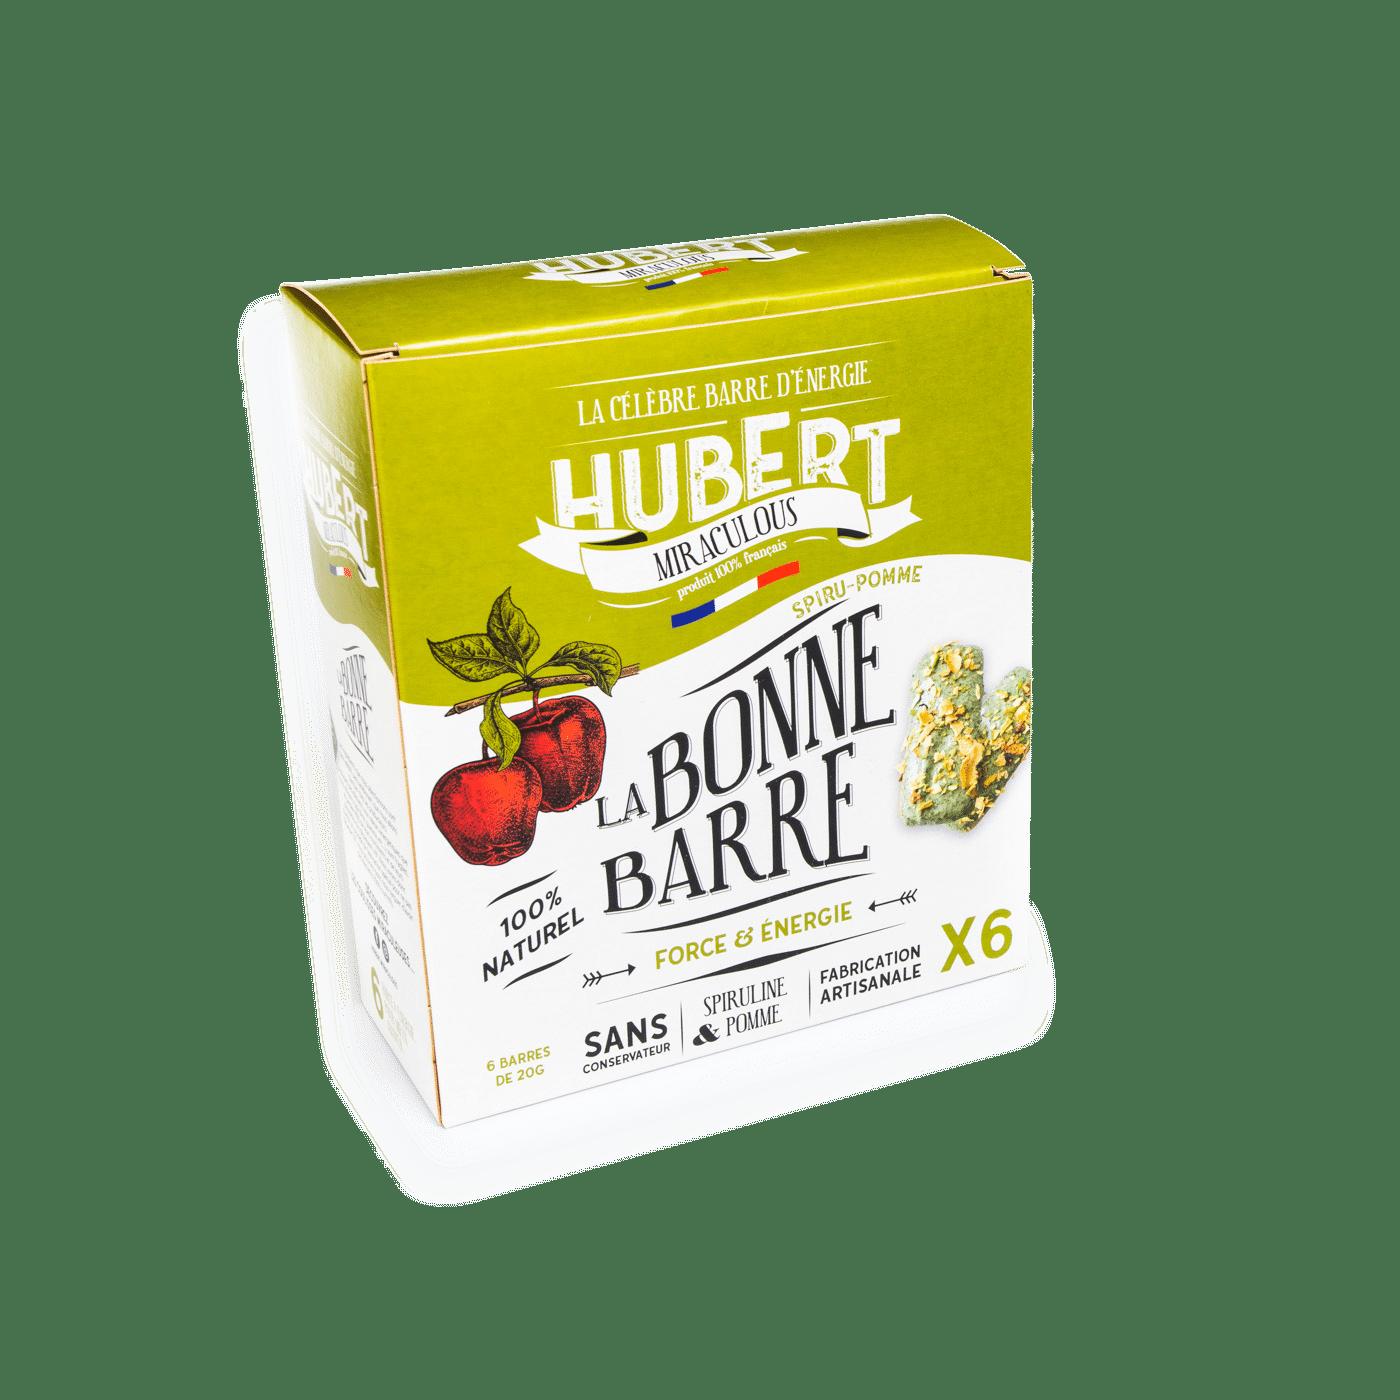 Boite 6 verte seule - Des barres chocolatées miraculeuses